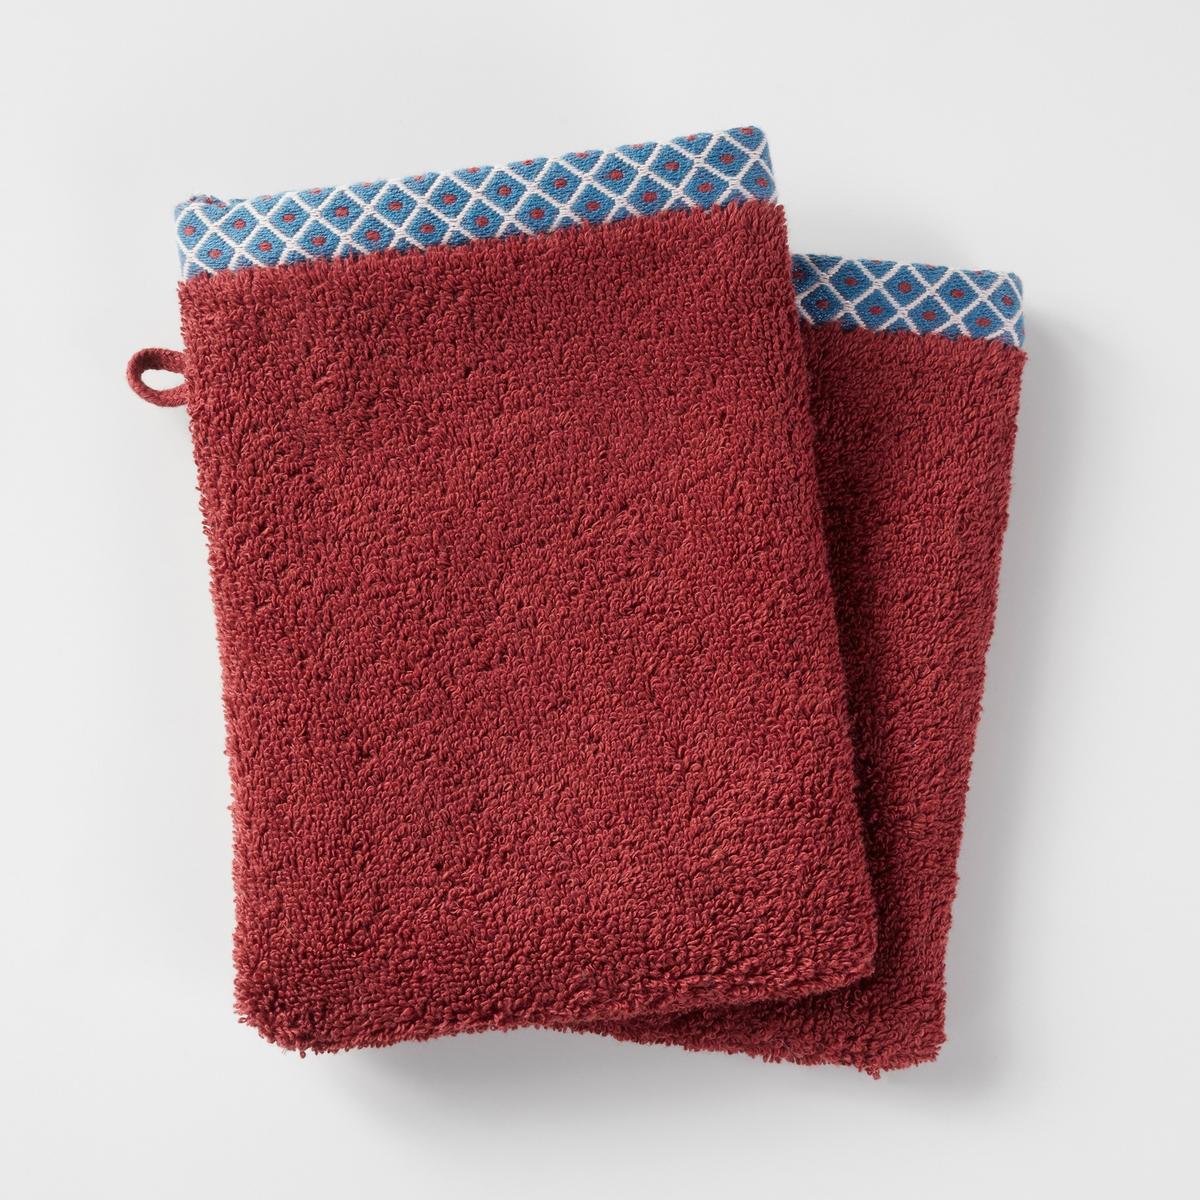 Комплект из 2-х банных рукавичек, 100% хлопка, EVORAХарактеристики:Материал: махровая ткань, 100% хлопка, 500 г/м?.Уход: Машинная стирка при 60°С.Размеры:- 15 x 21 см.<br><br>Цвет: кирпичный